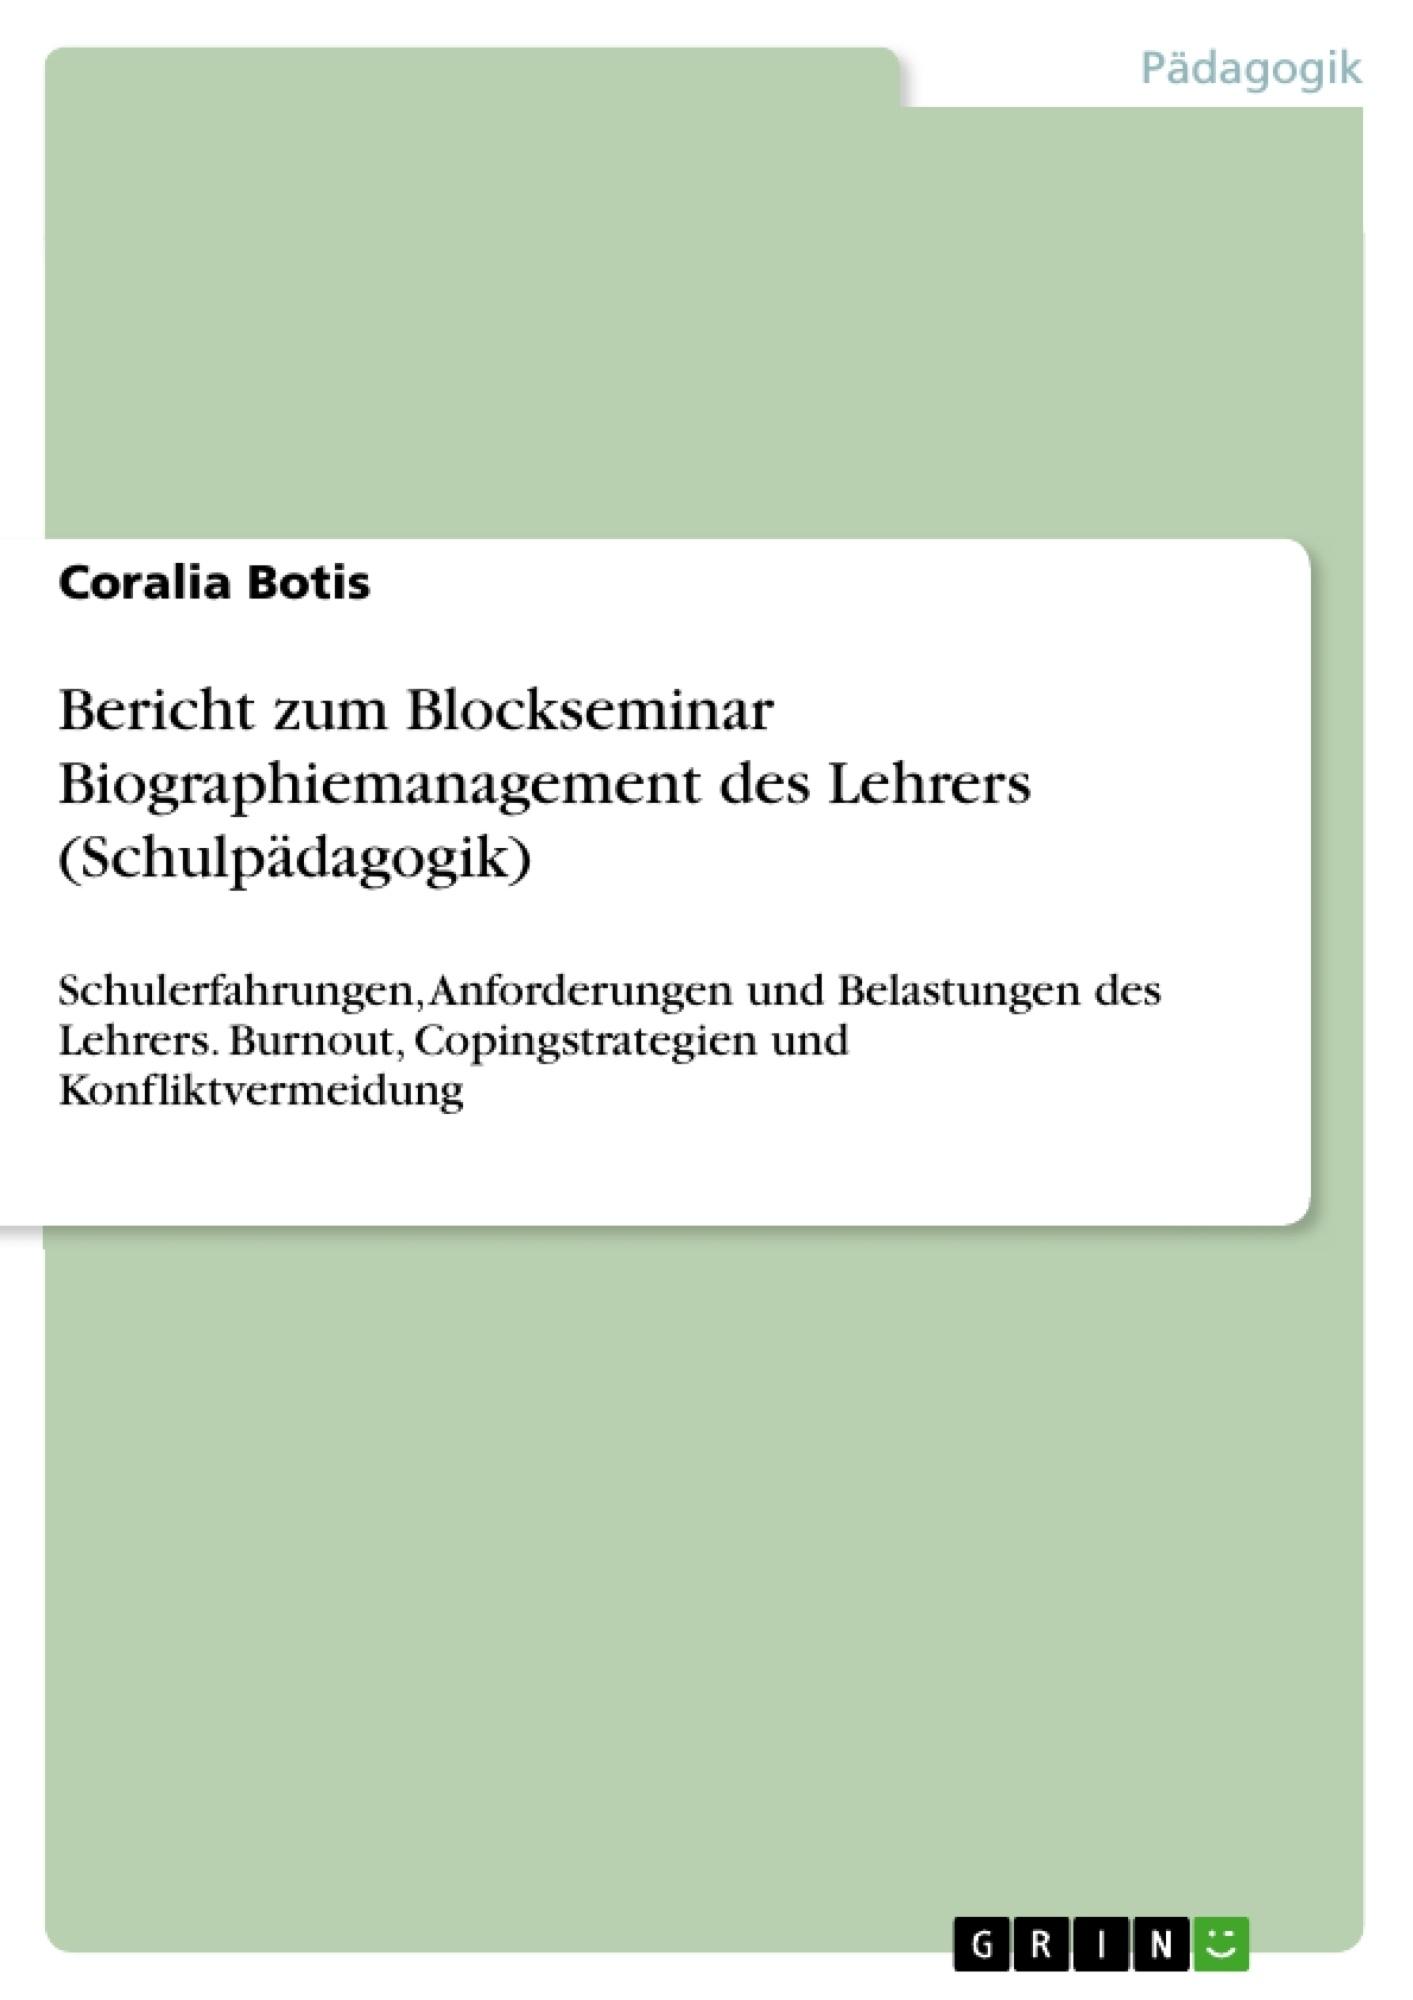 Titel: Bericht zum Blockseminar Biographiemanagement des Lehrers (Schulpädagogik)